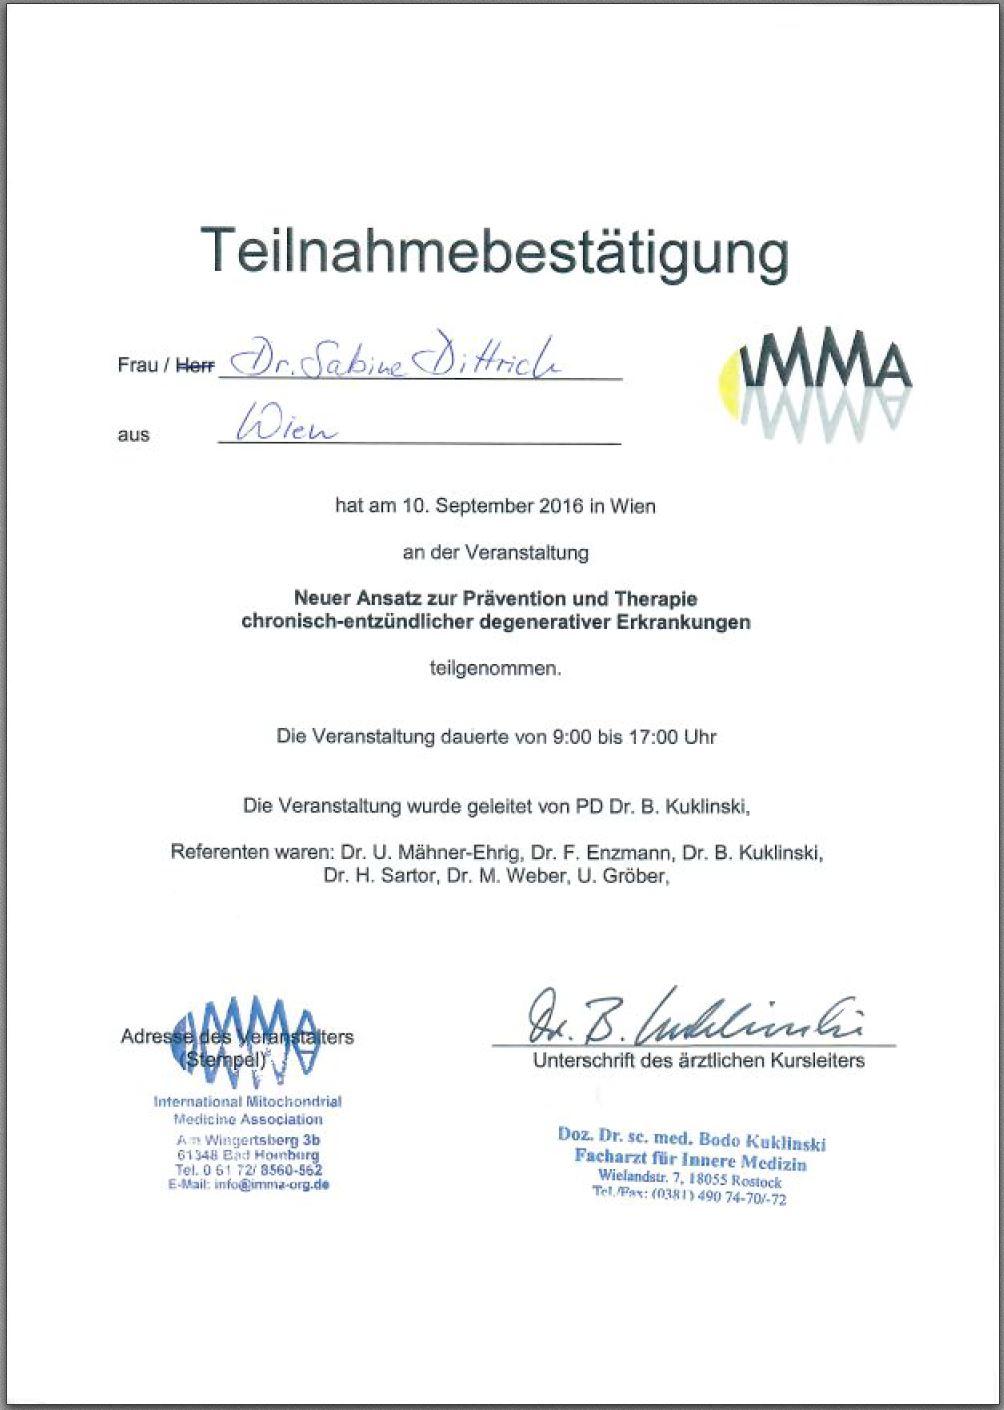 Diplom Prävention und Therapie chronisch-entzündliche Erkrankungen